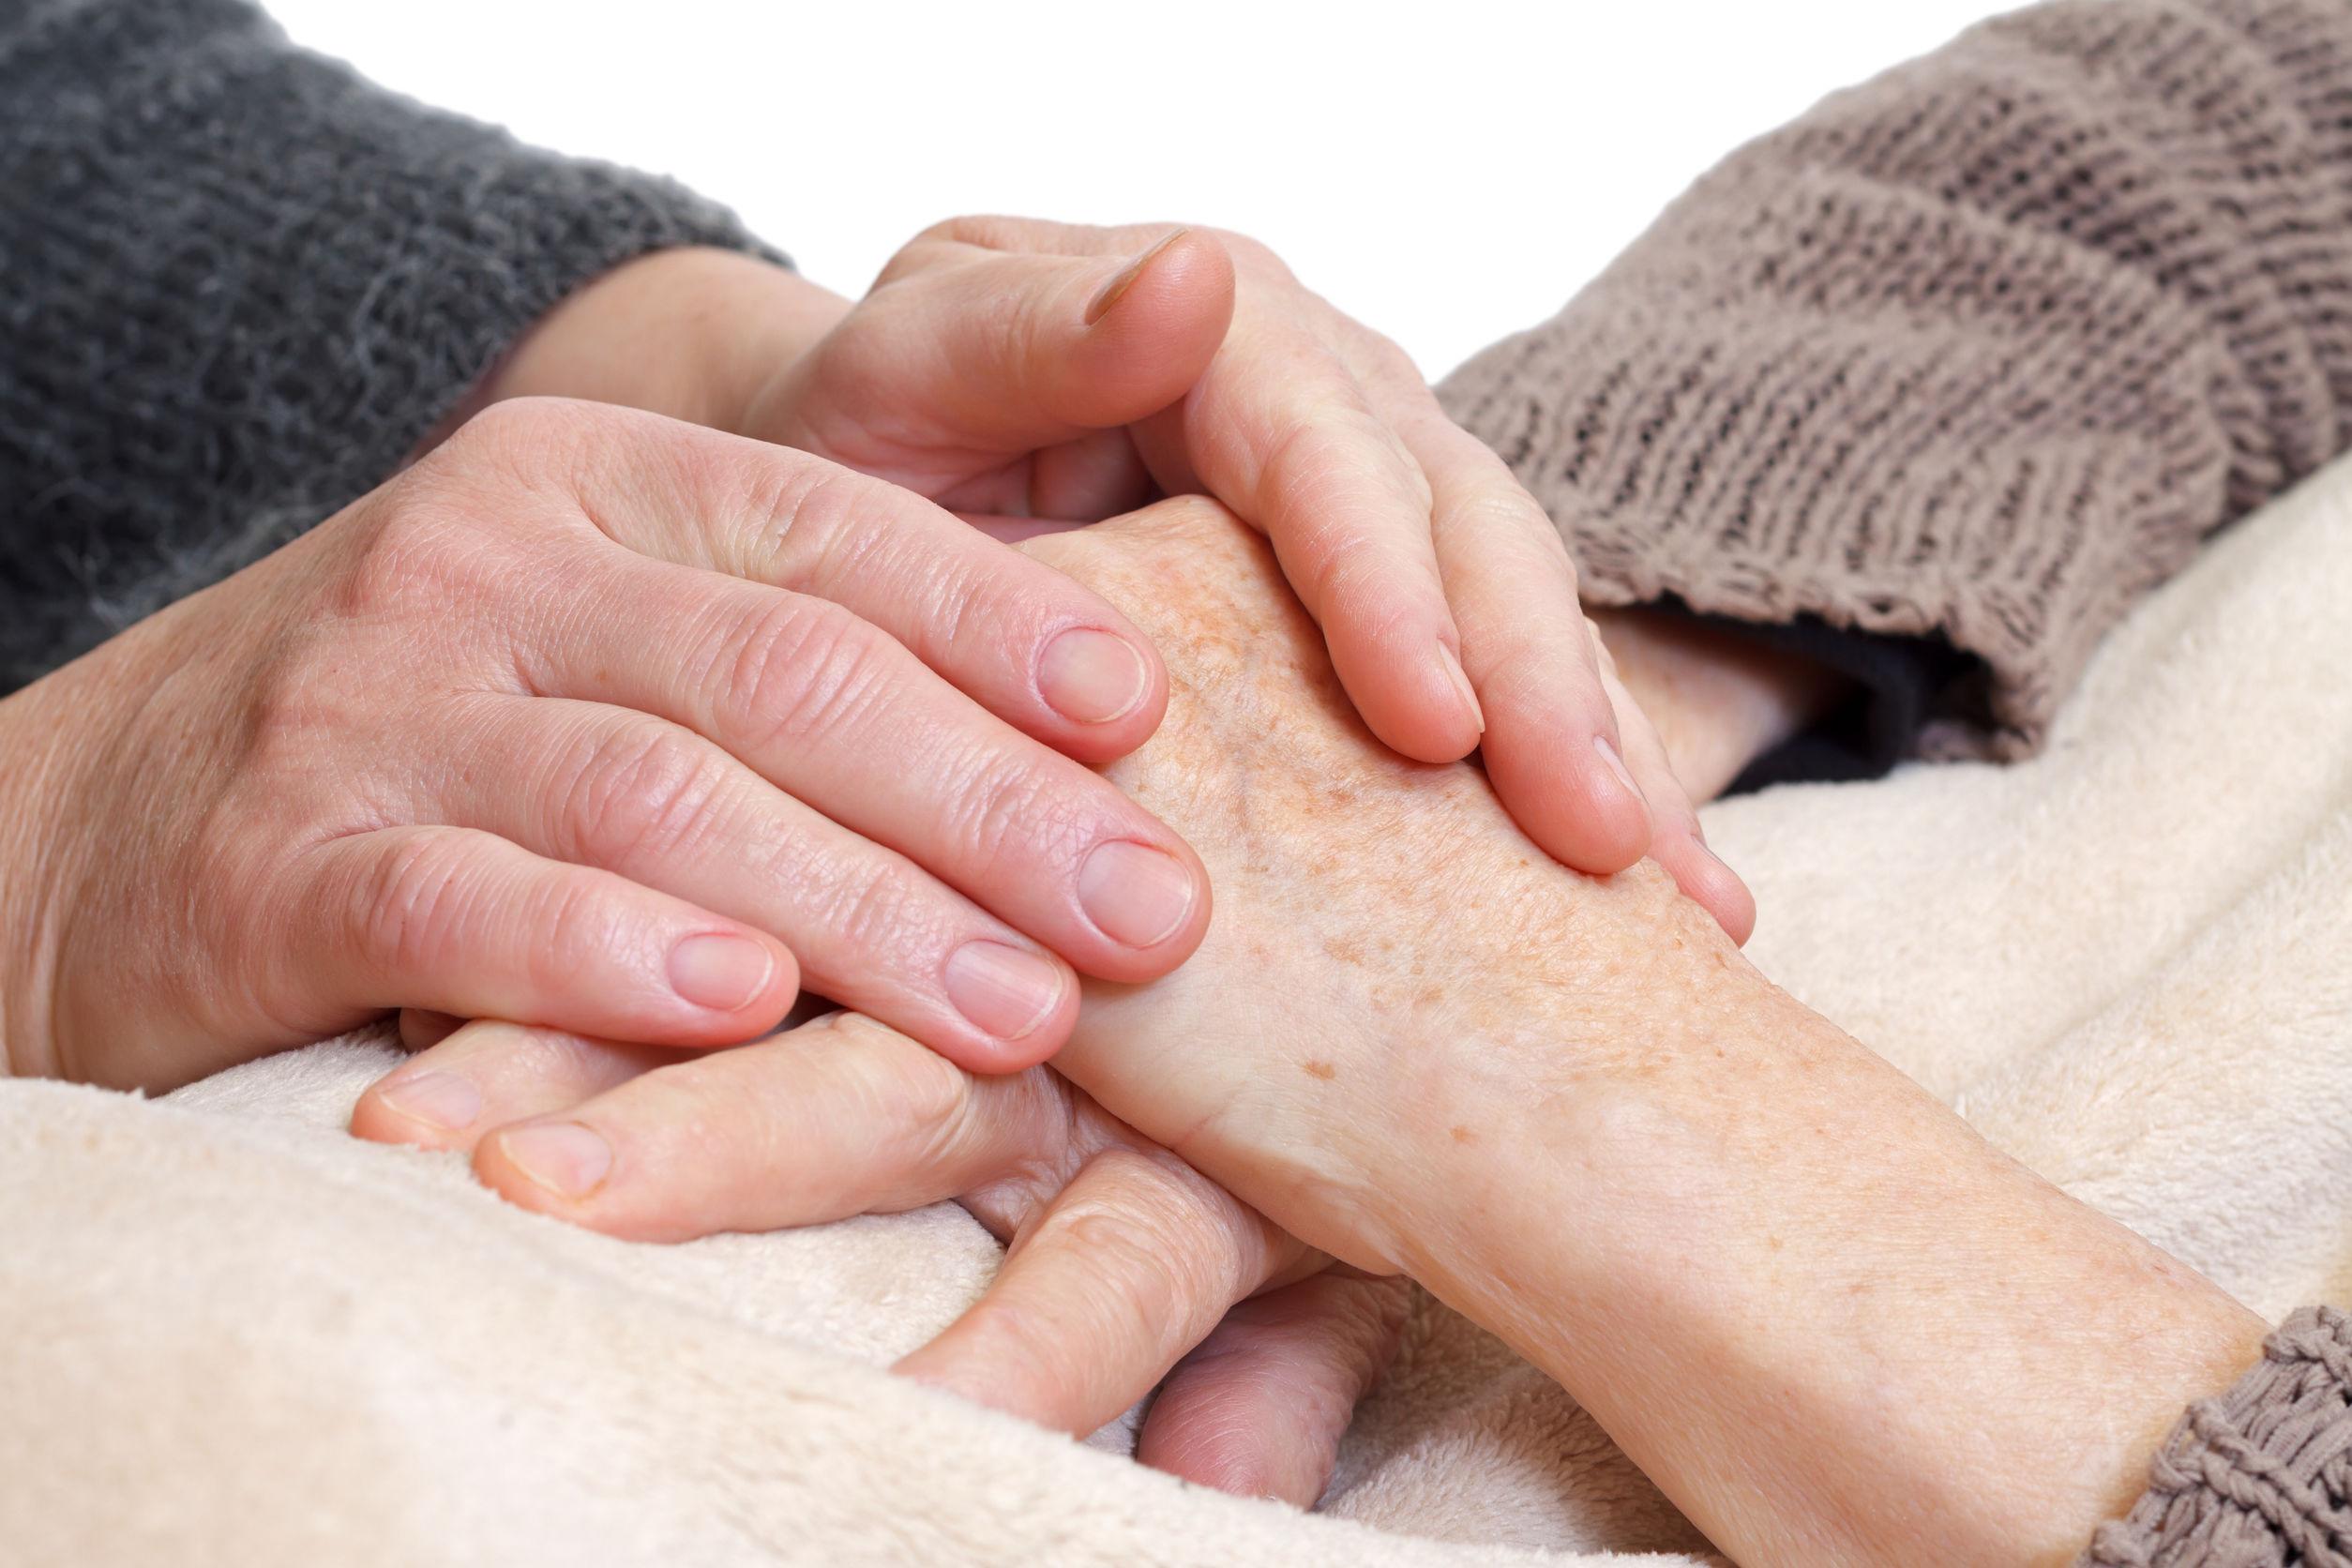 Suicídio entre idosos: números que só crescem